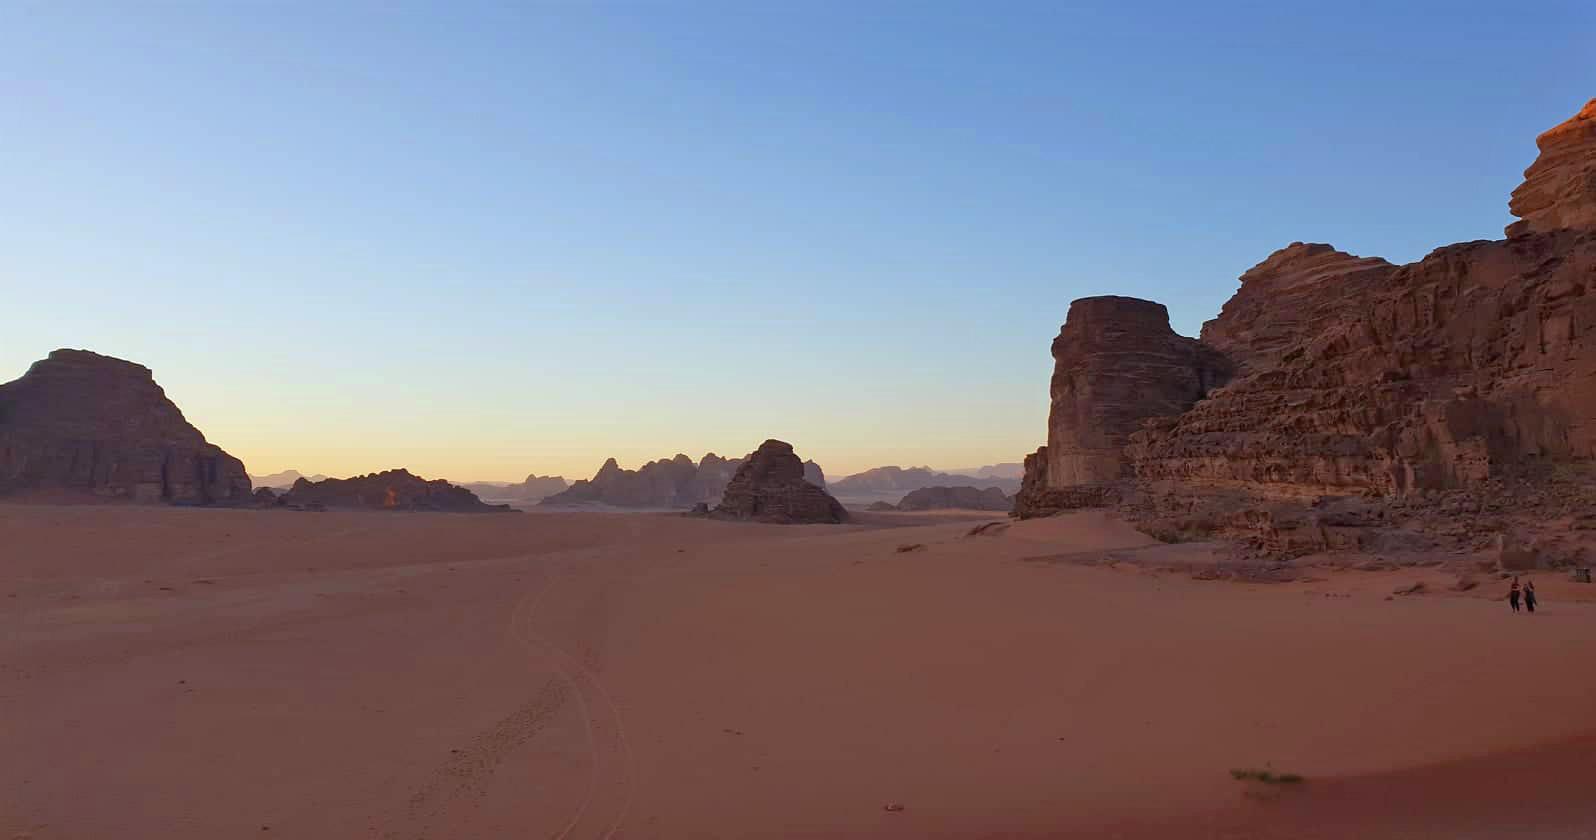 Полюбуйтесь закатом в Вади-Рам на каникулах в Иордании.  Используйте этот иорданский маршрут: 7 дней, чтобы узнать, как лучше всего провести время в Иордании за одну неделю. Иордании Маршрут 7 дней в Иордании Маршрут wadi rum sunset